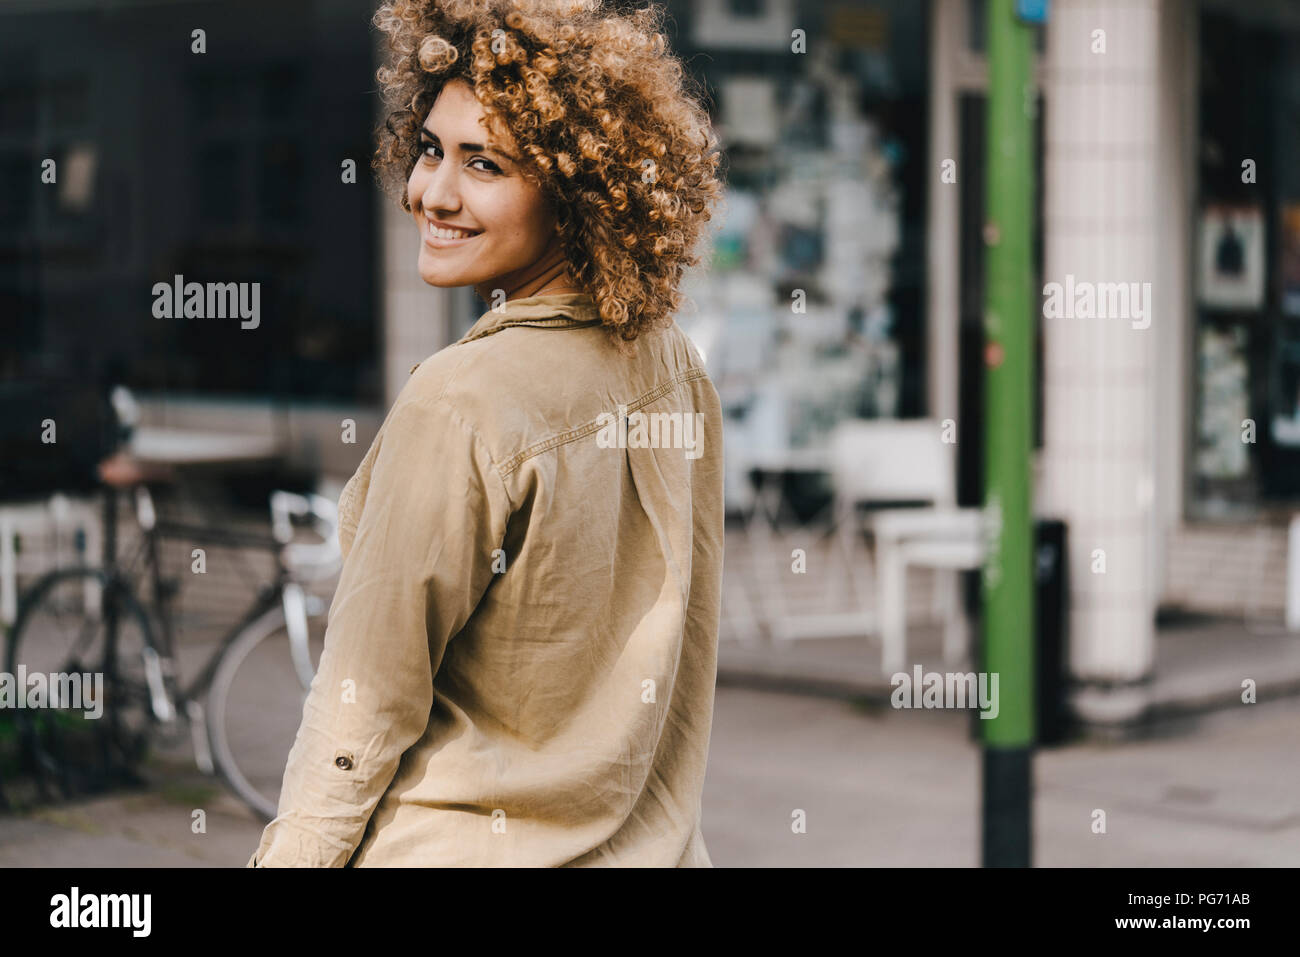 Mujer en la ciudad, caminando, sonriendo Imagen De Stock